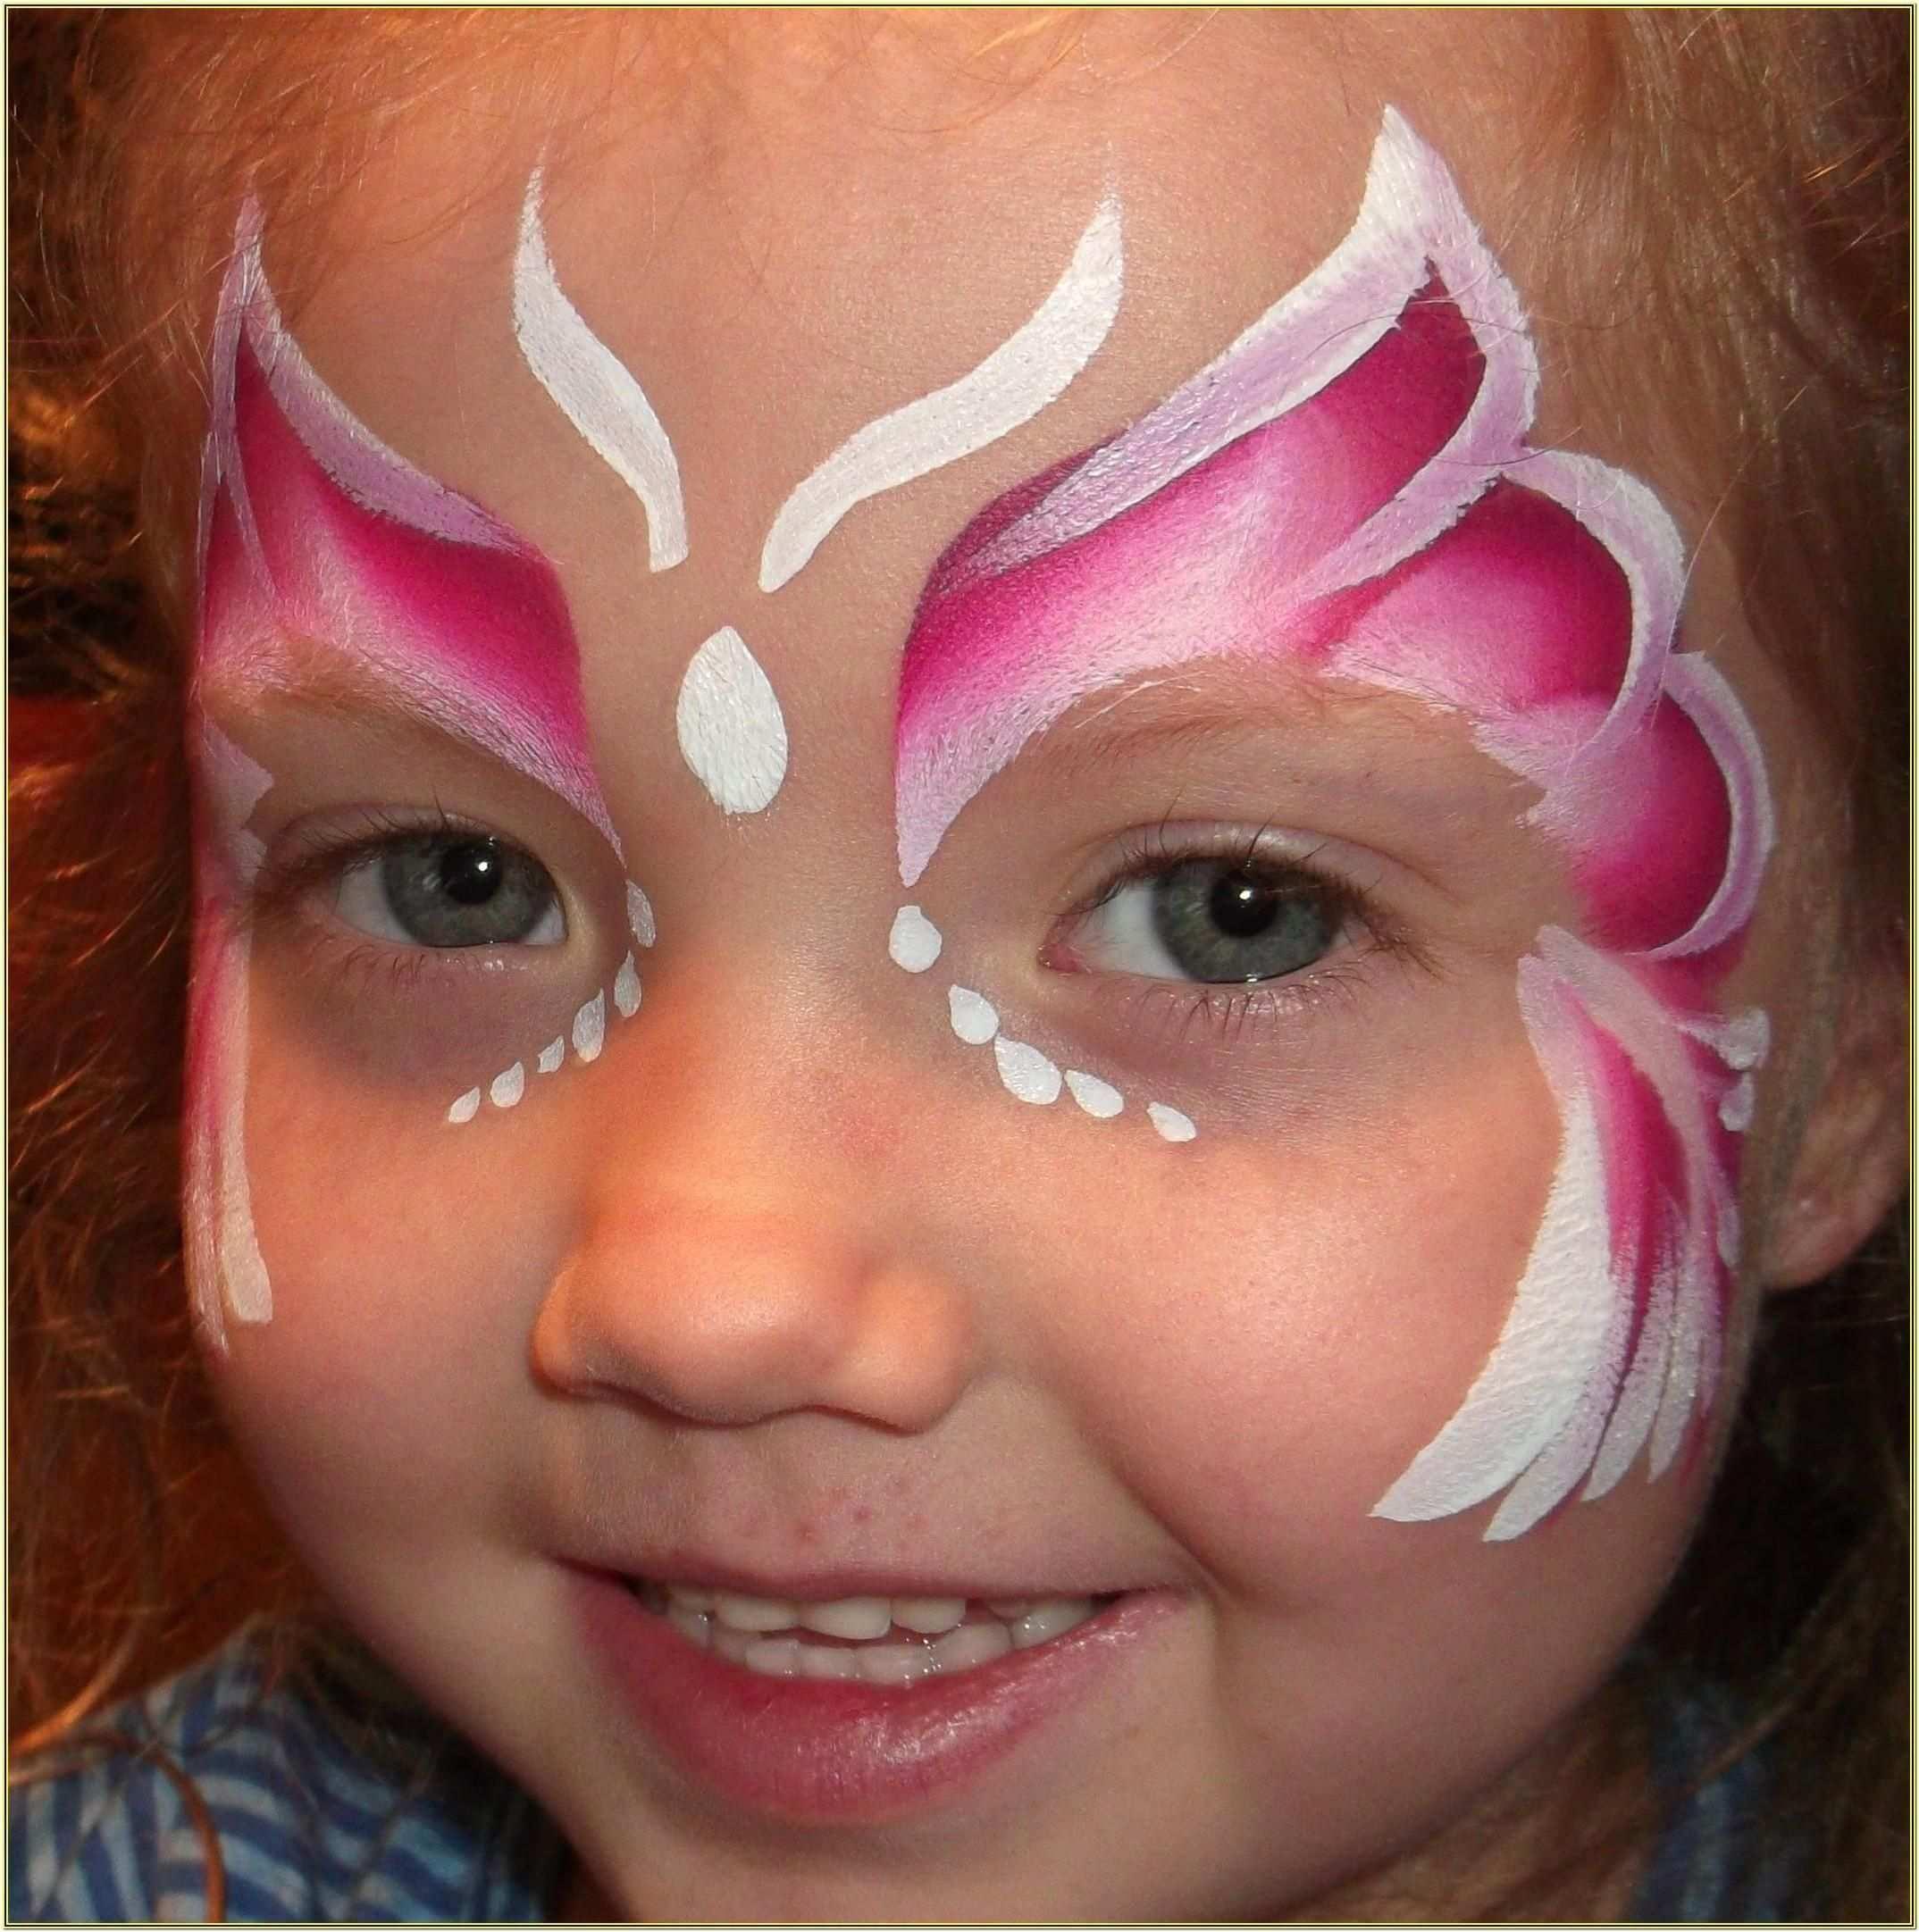 Schmetterling Schminken Einfache Gesichtsmalerei Bemalte Gesichter Kinder Schminken